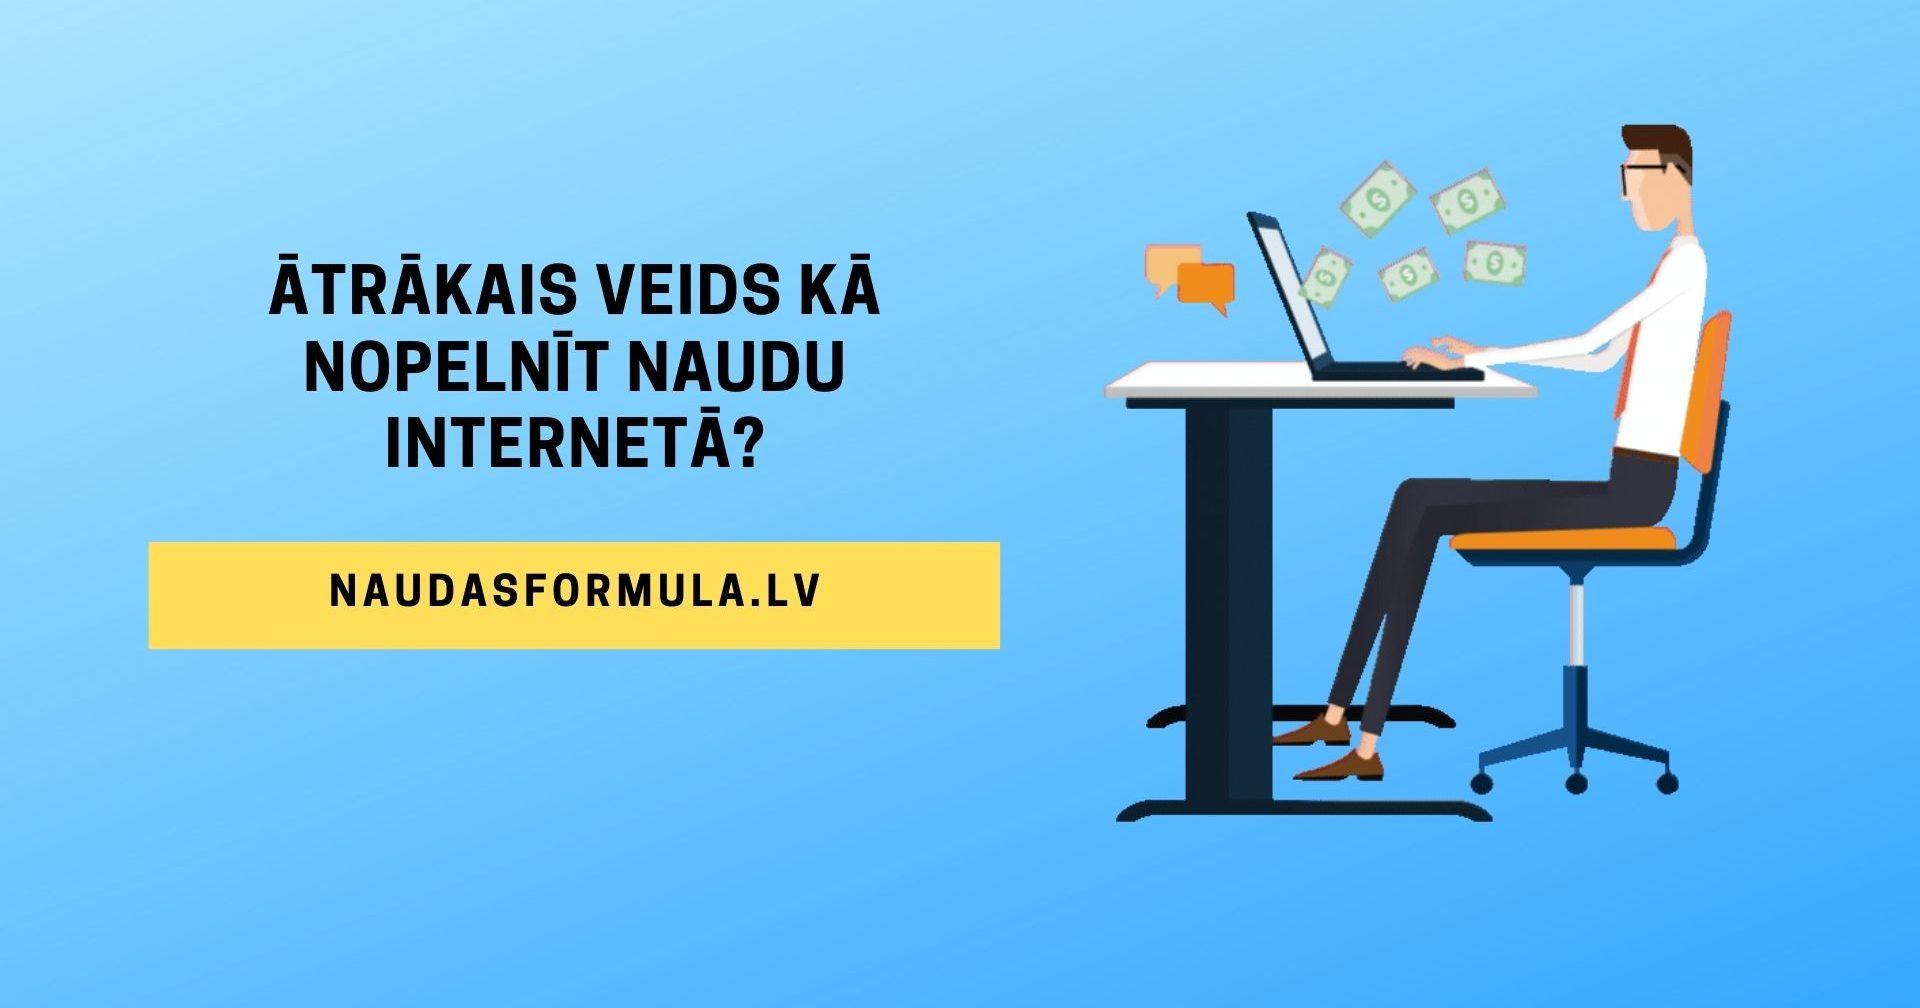 tirdzniecība un naudas pelnīšana internetā